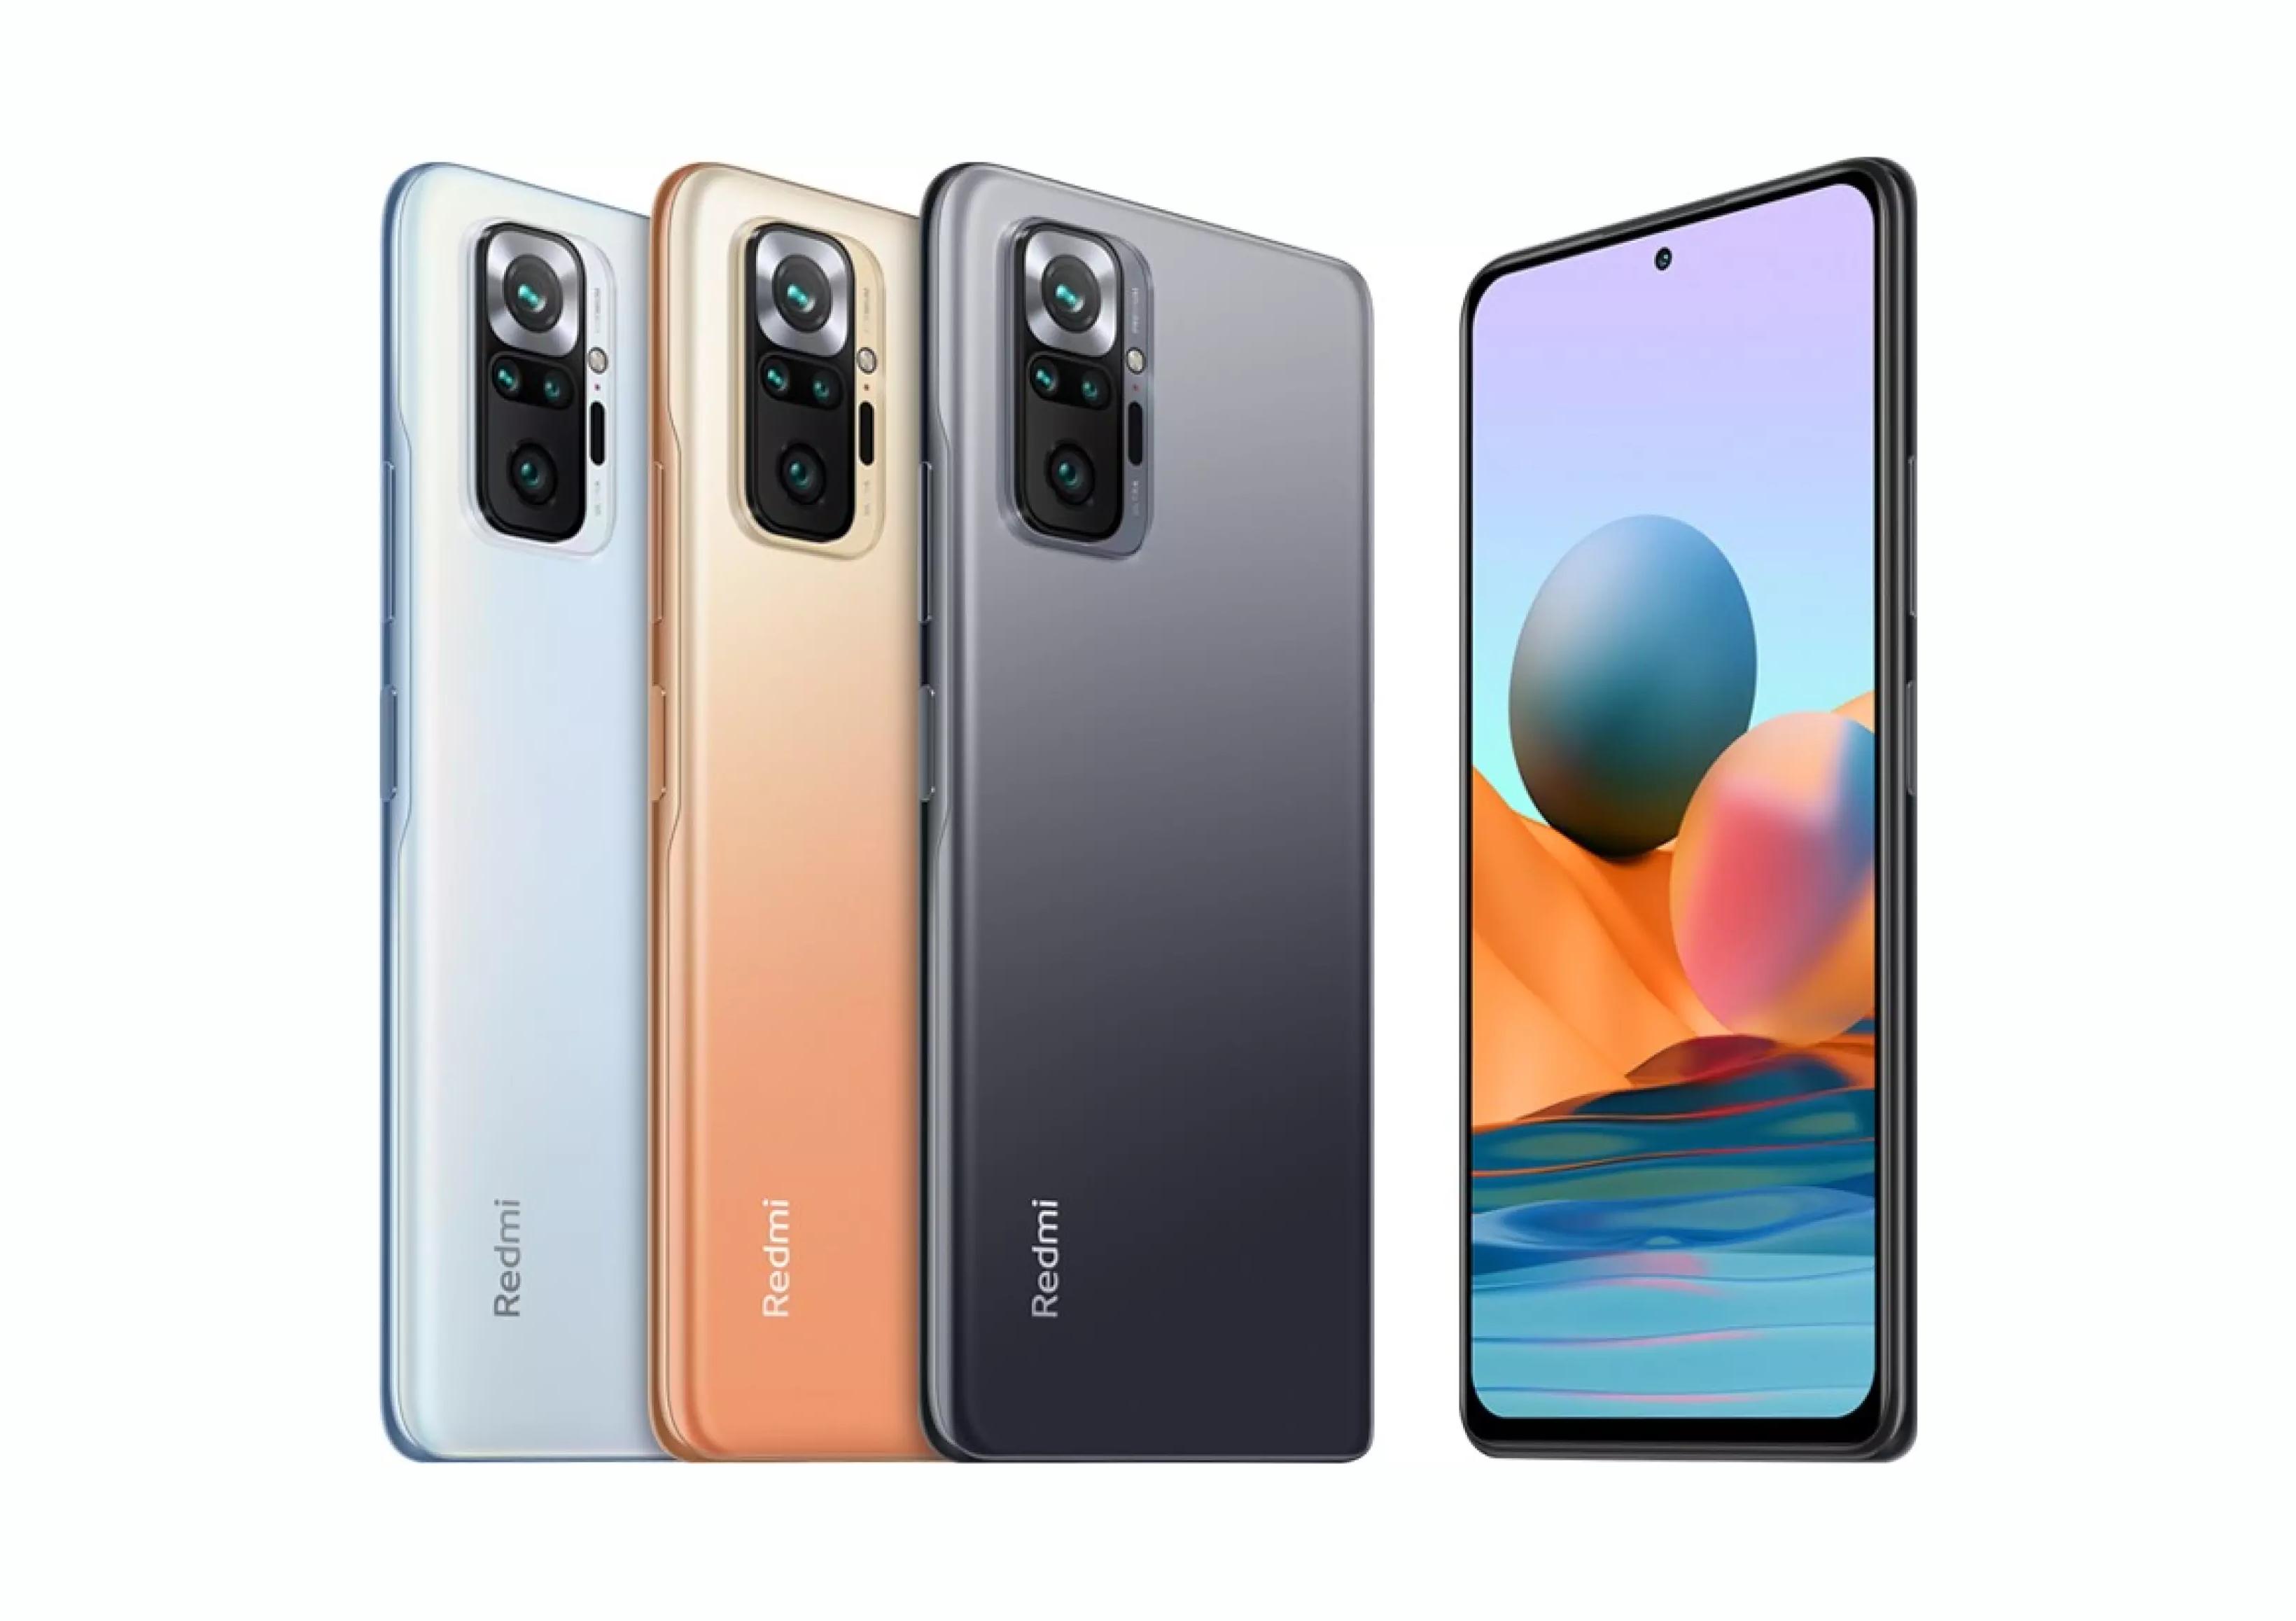 Лучше iPhone SE (2020), Zenfone 6 и Galaxy Z Flip: DxOMark протестировали камеру Redmi Note 10 Pro